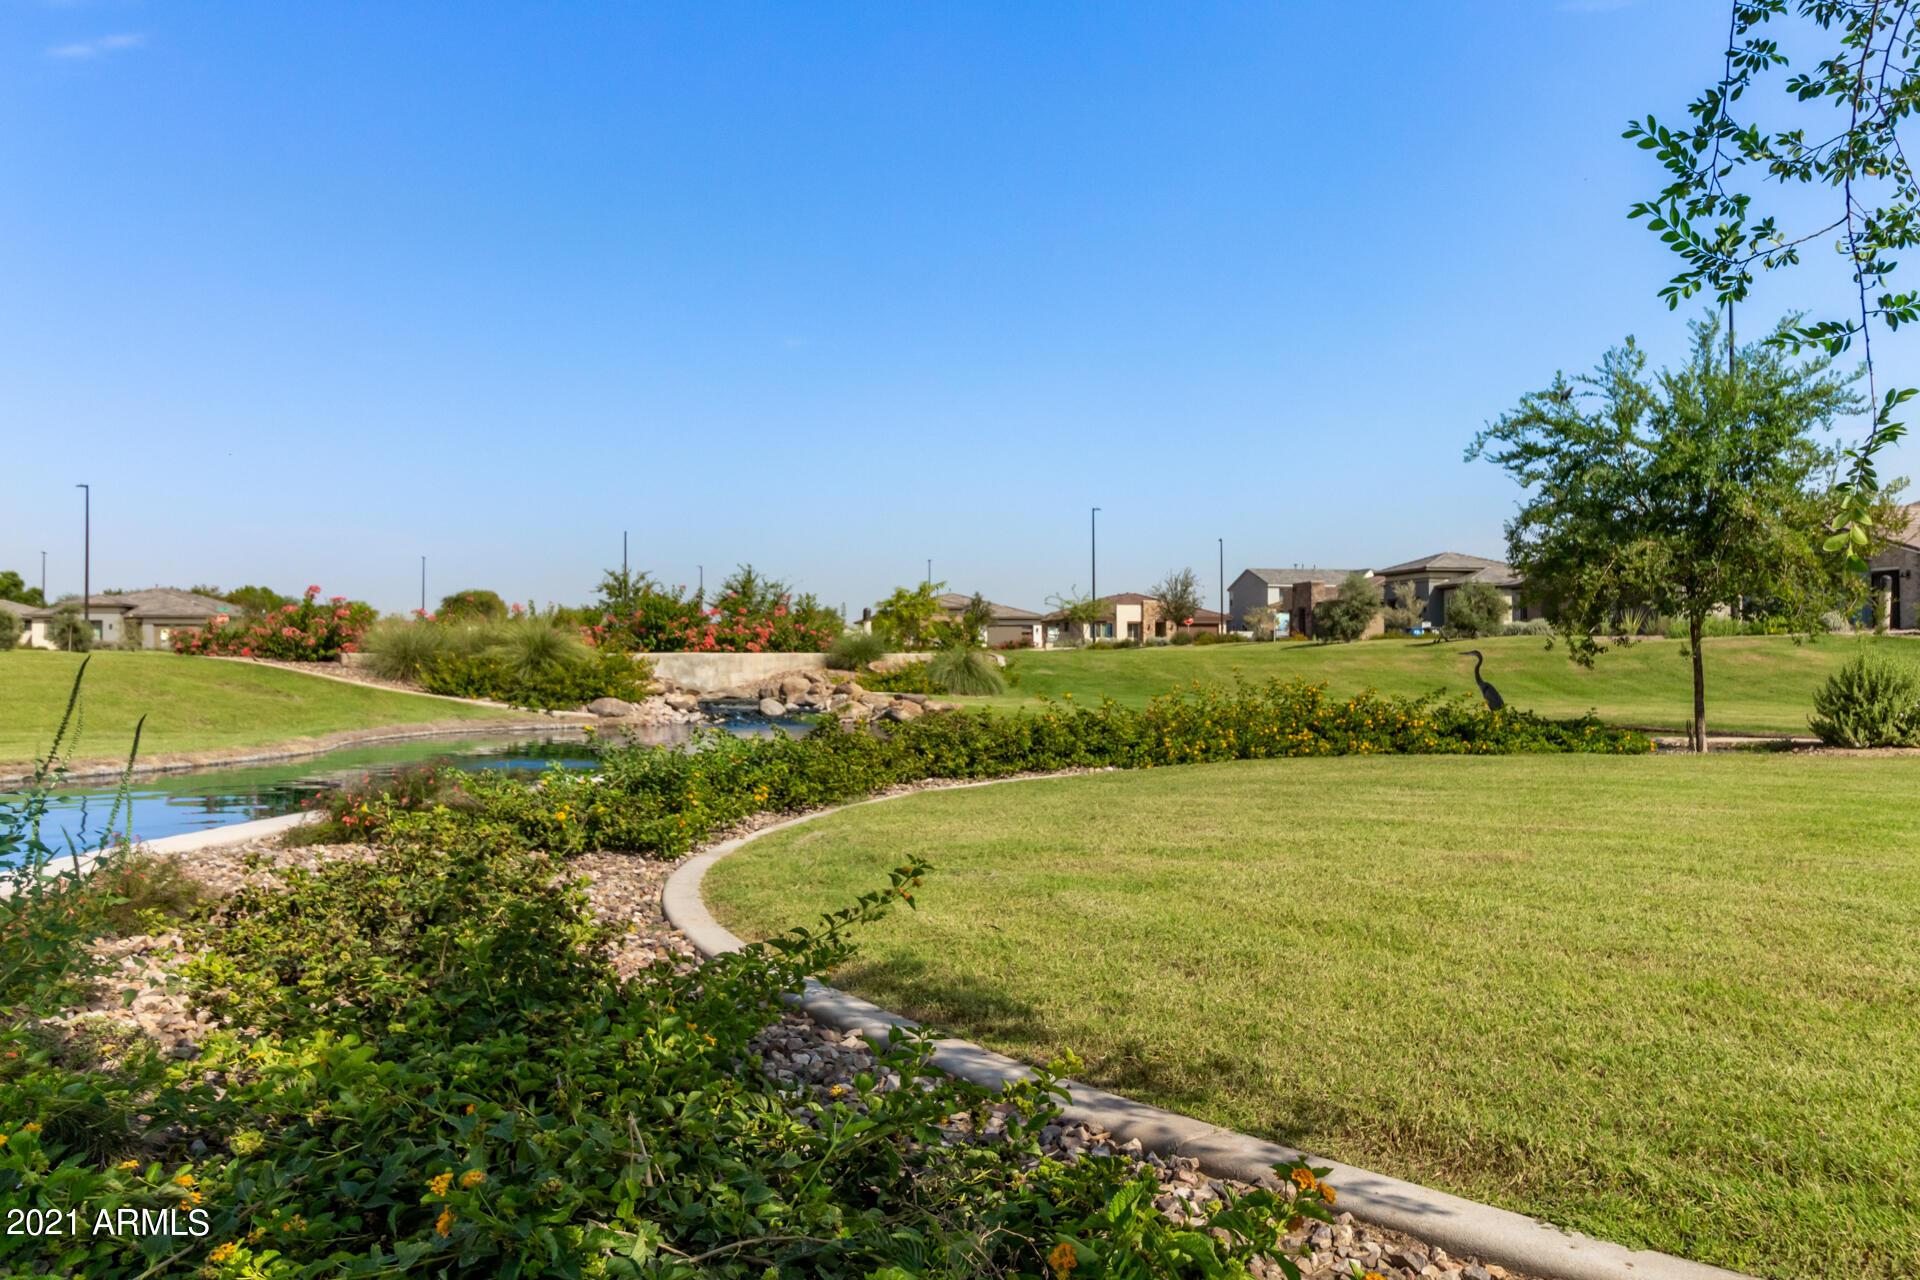 MLS 6295881 1461 E ARIS Drive, Gilbert, AZ 85298 New Homes